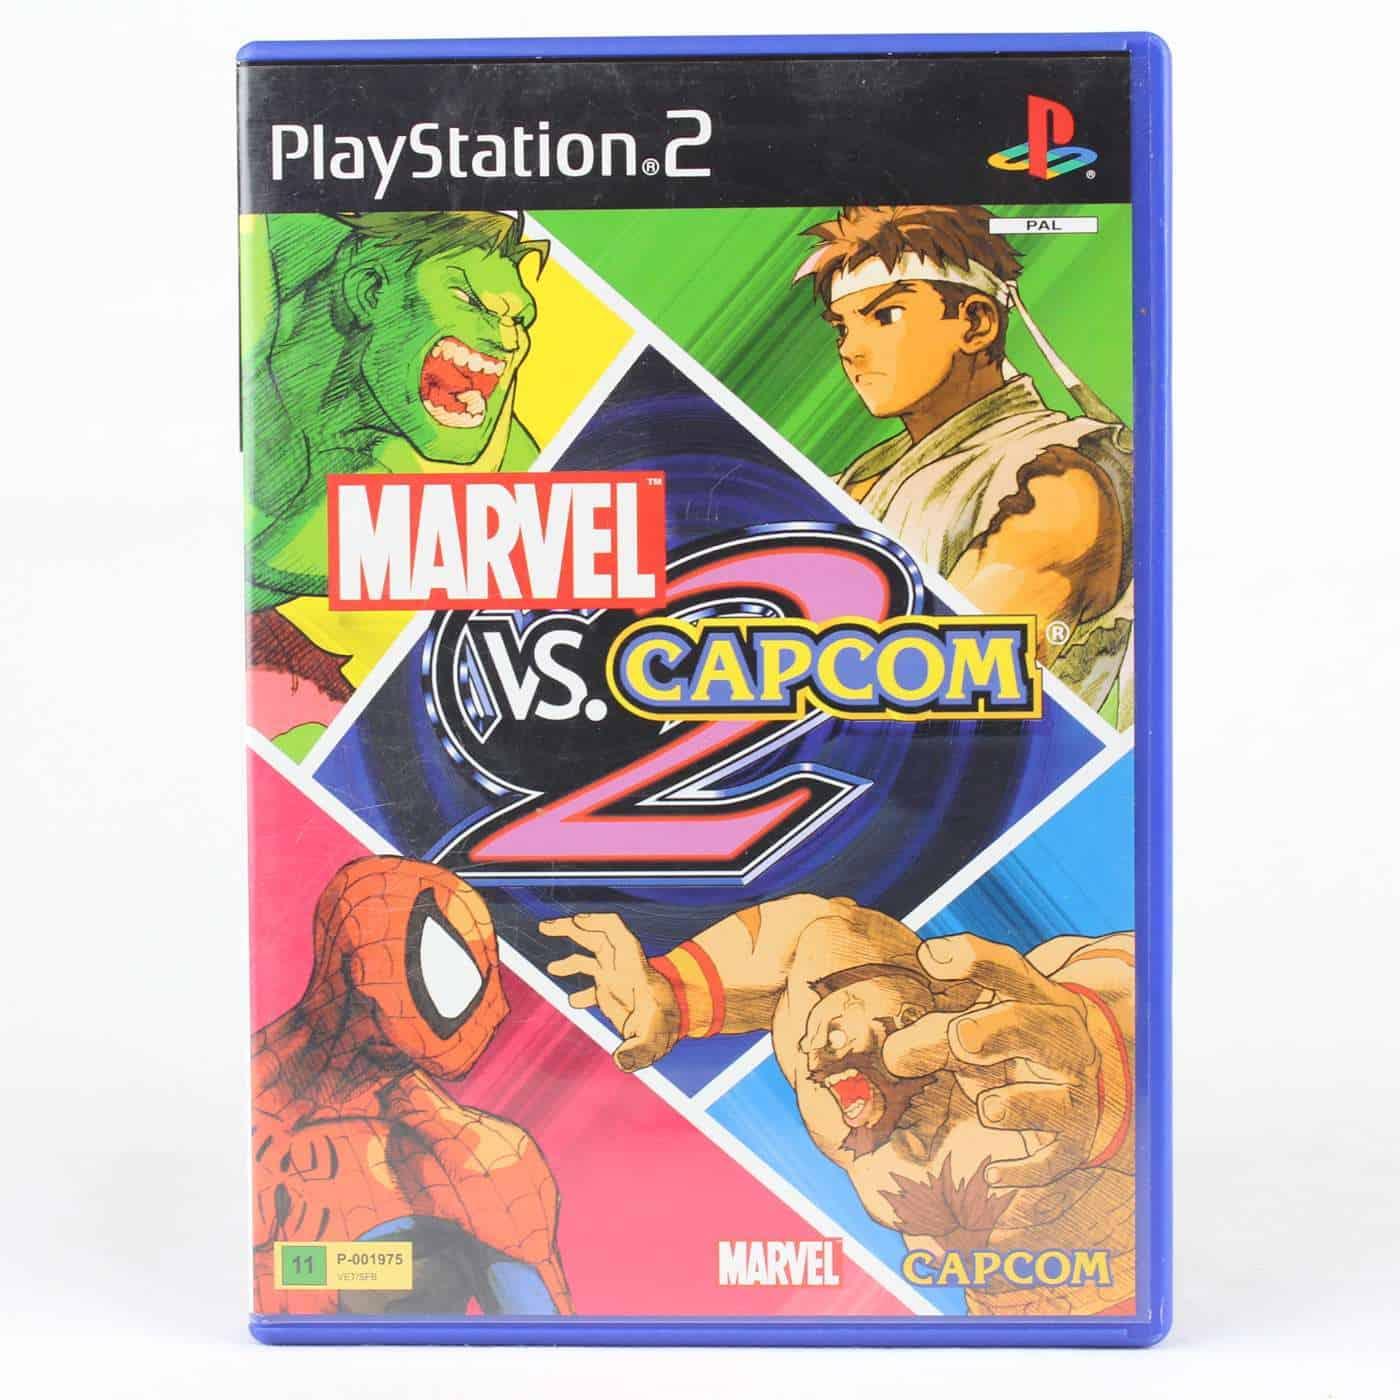 Marvel vs. Capcom 2 (Playstation 2)